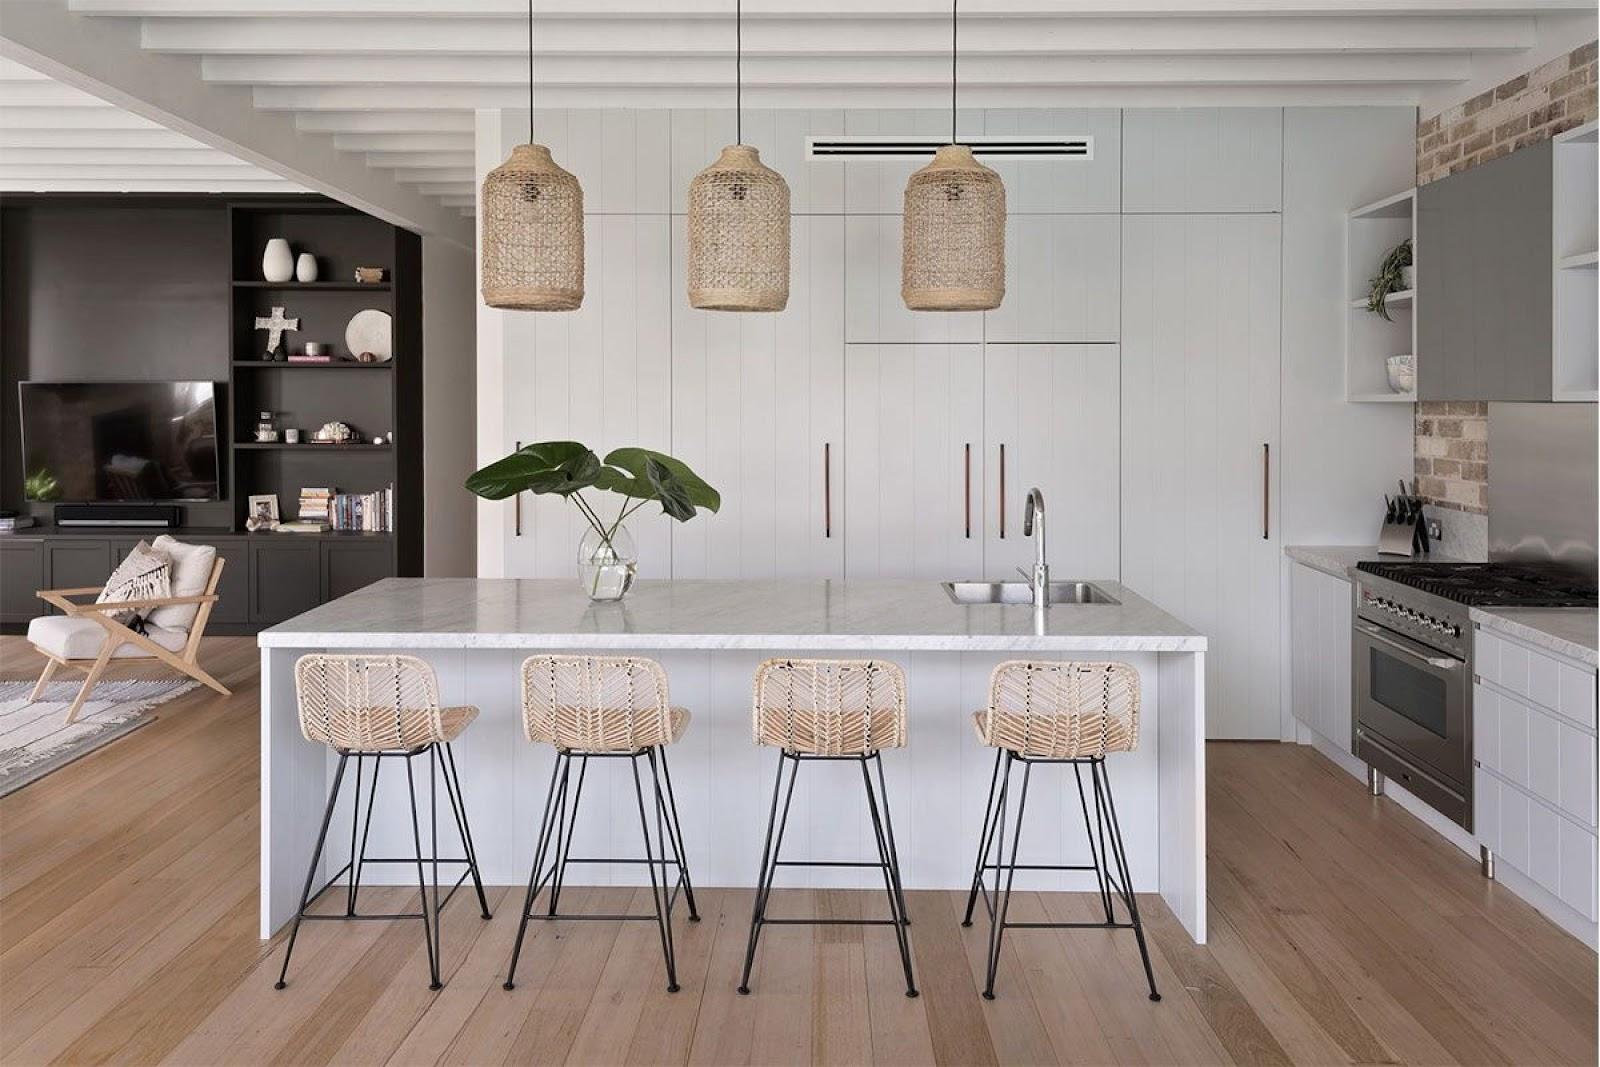 Inspirasi Konsep Interior Minimalis dengan Elemen Rotan - sumber: www.arsitag.com